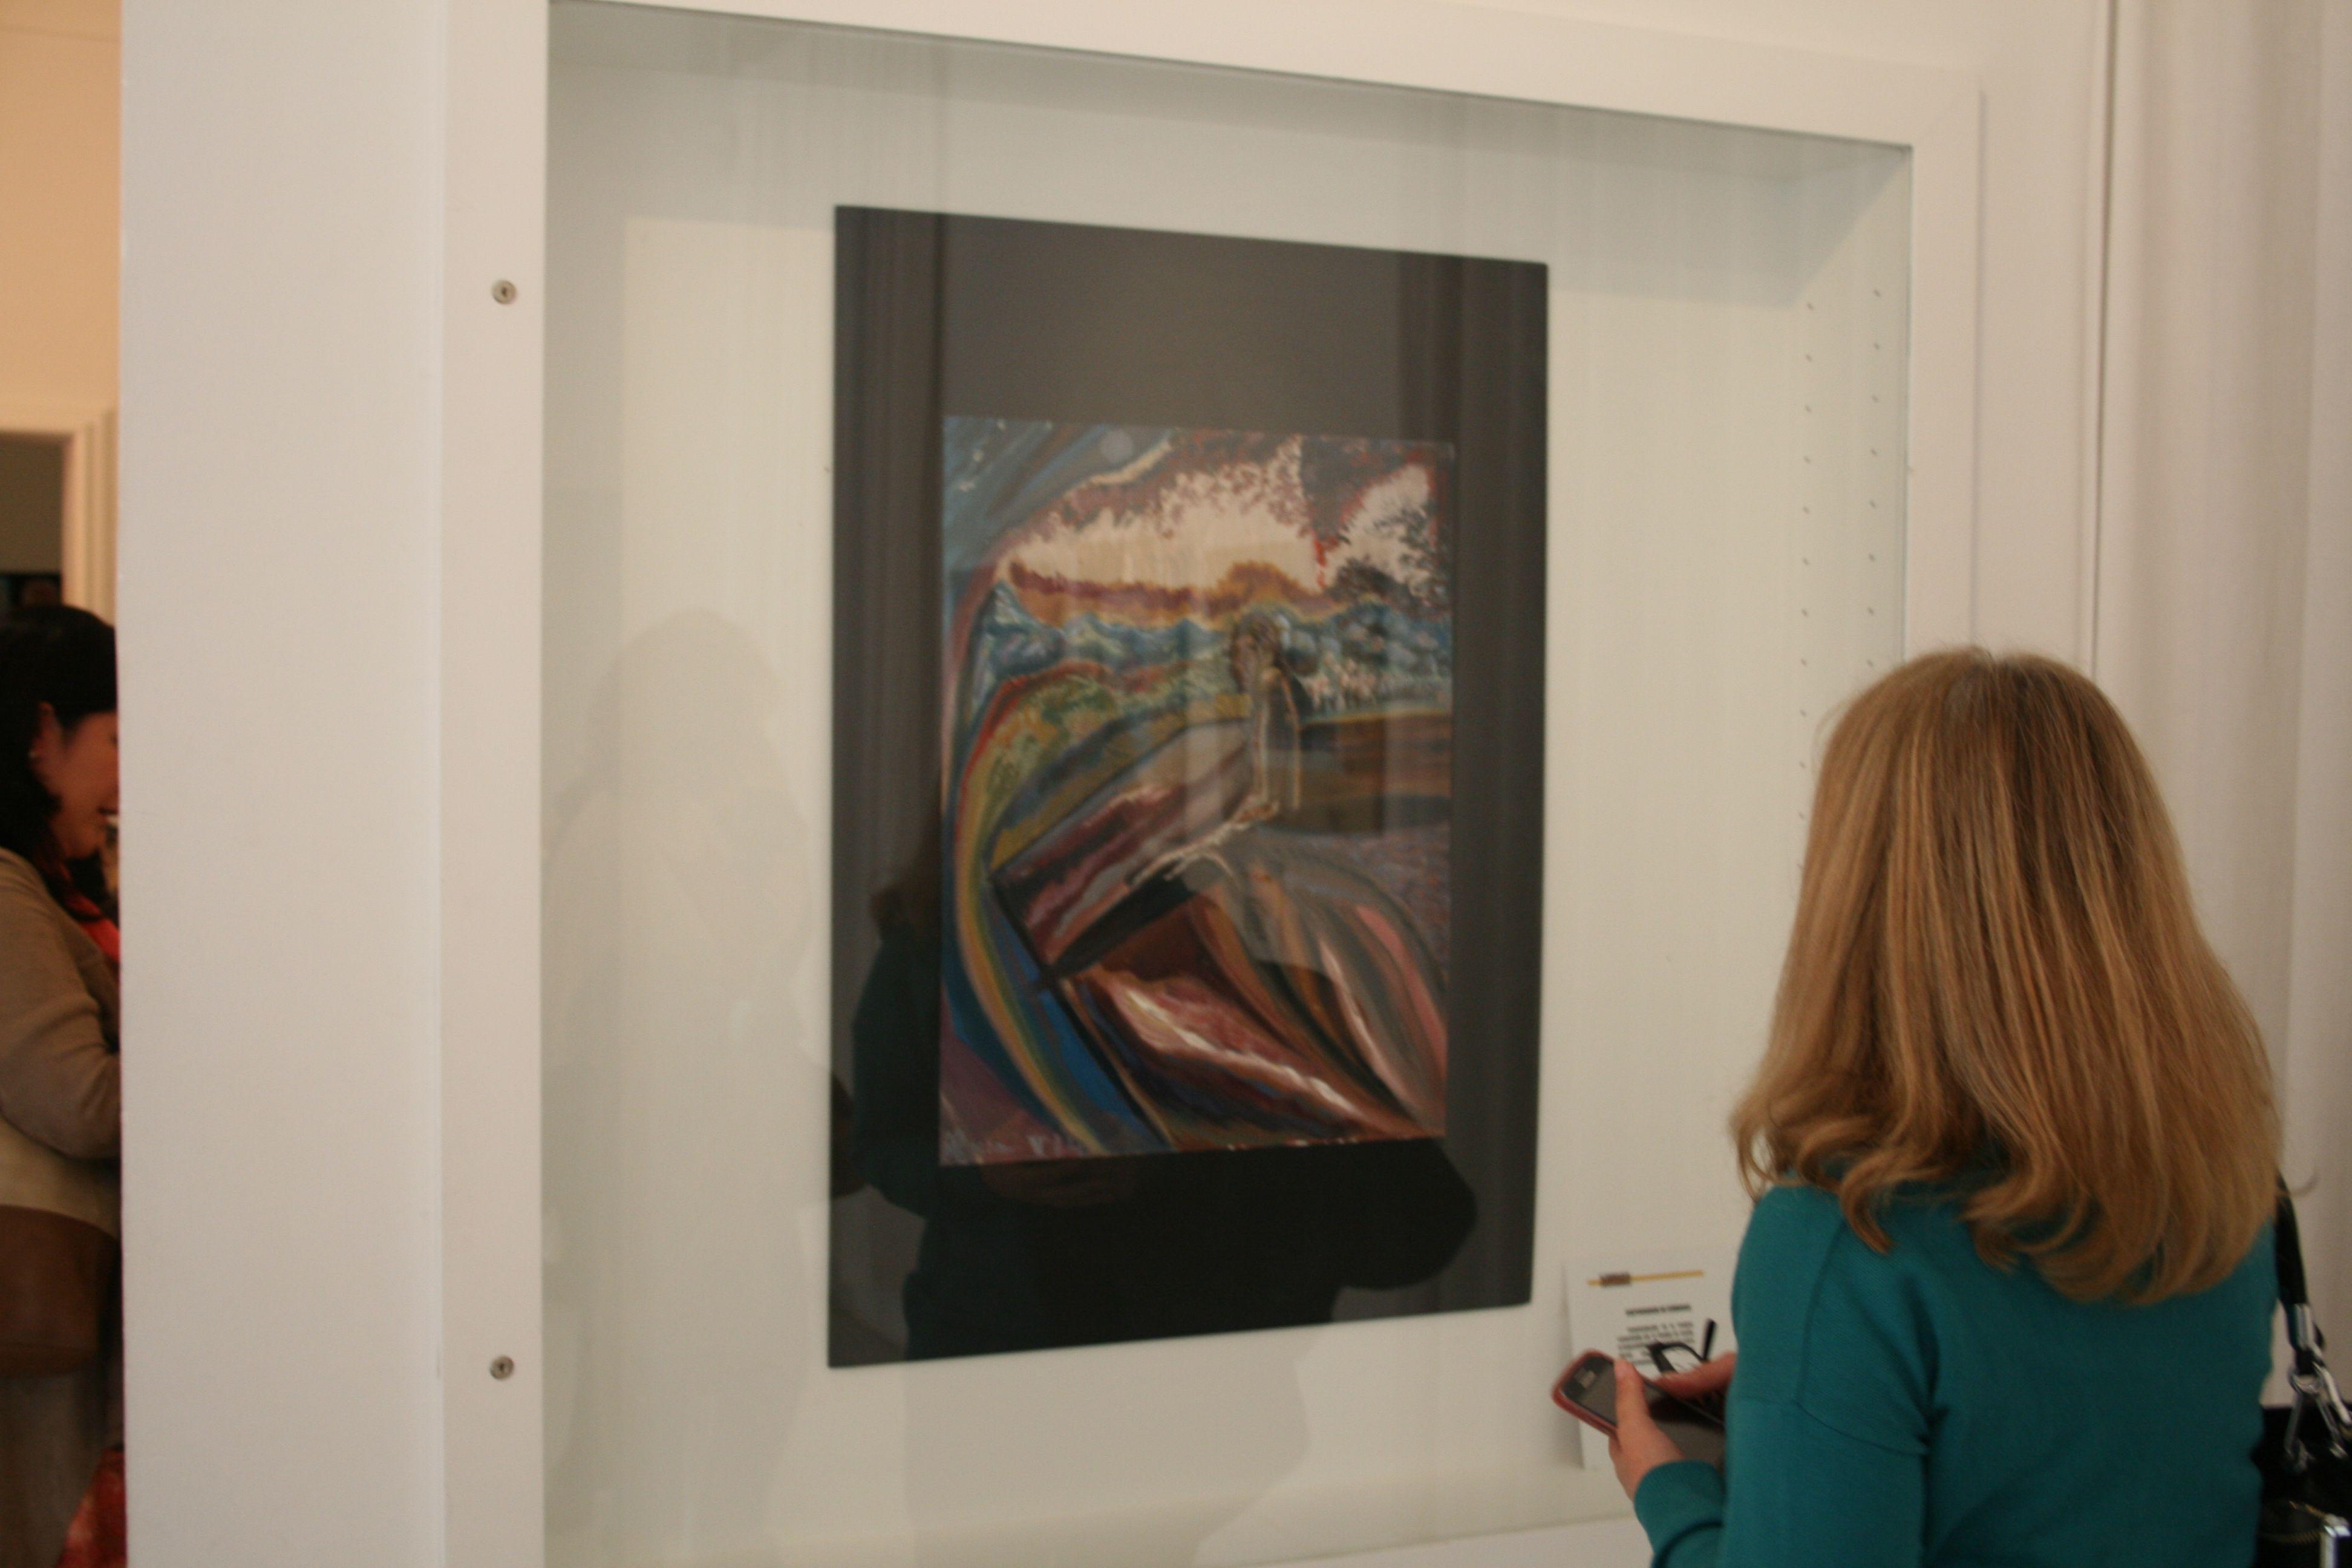 Inauguración de la exposición. Los asistentes disfrutaron de las obras. #museosmassociales #mnad